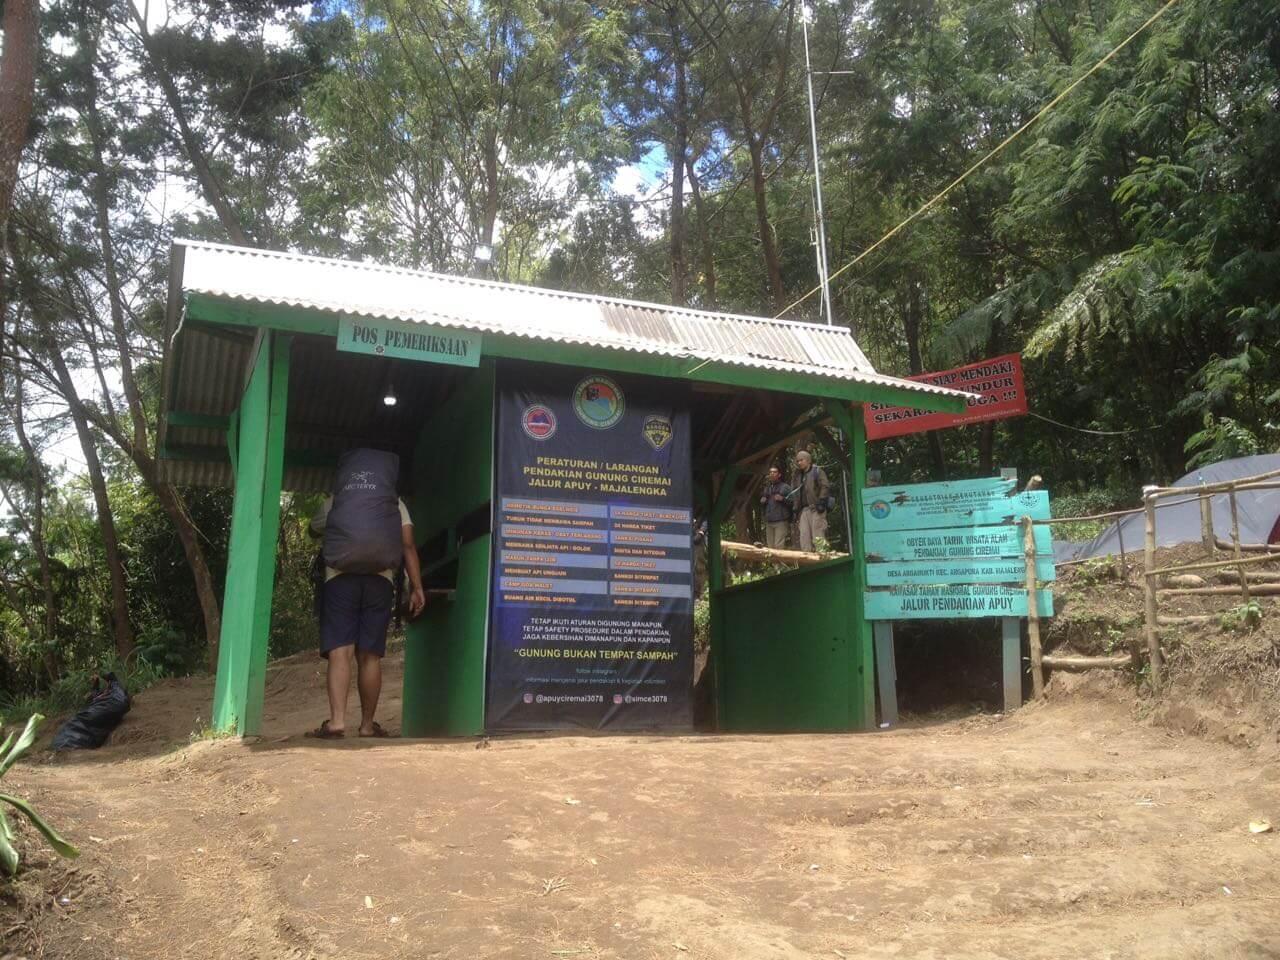 Pos Pemeriksaan Pendakian Ciremai via Apuy